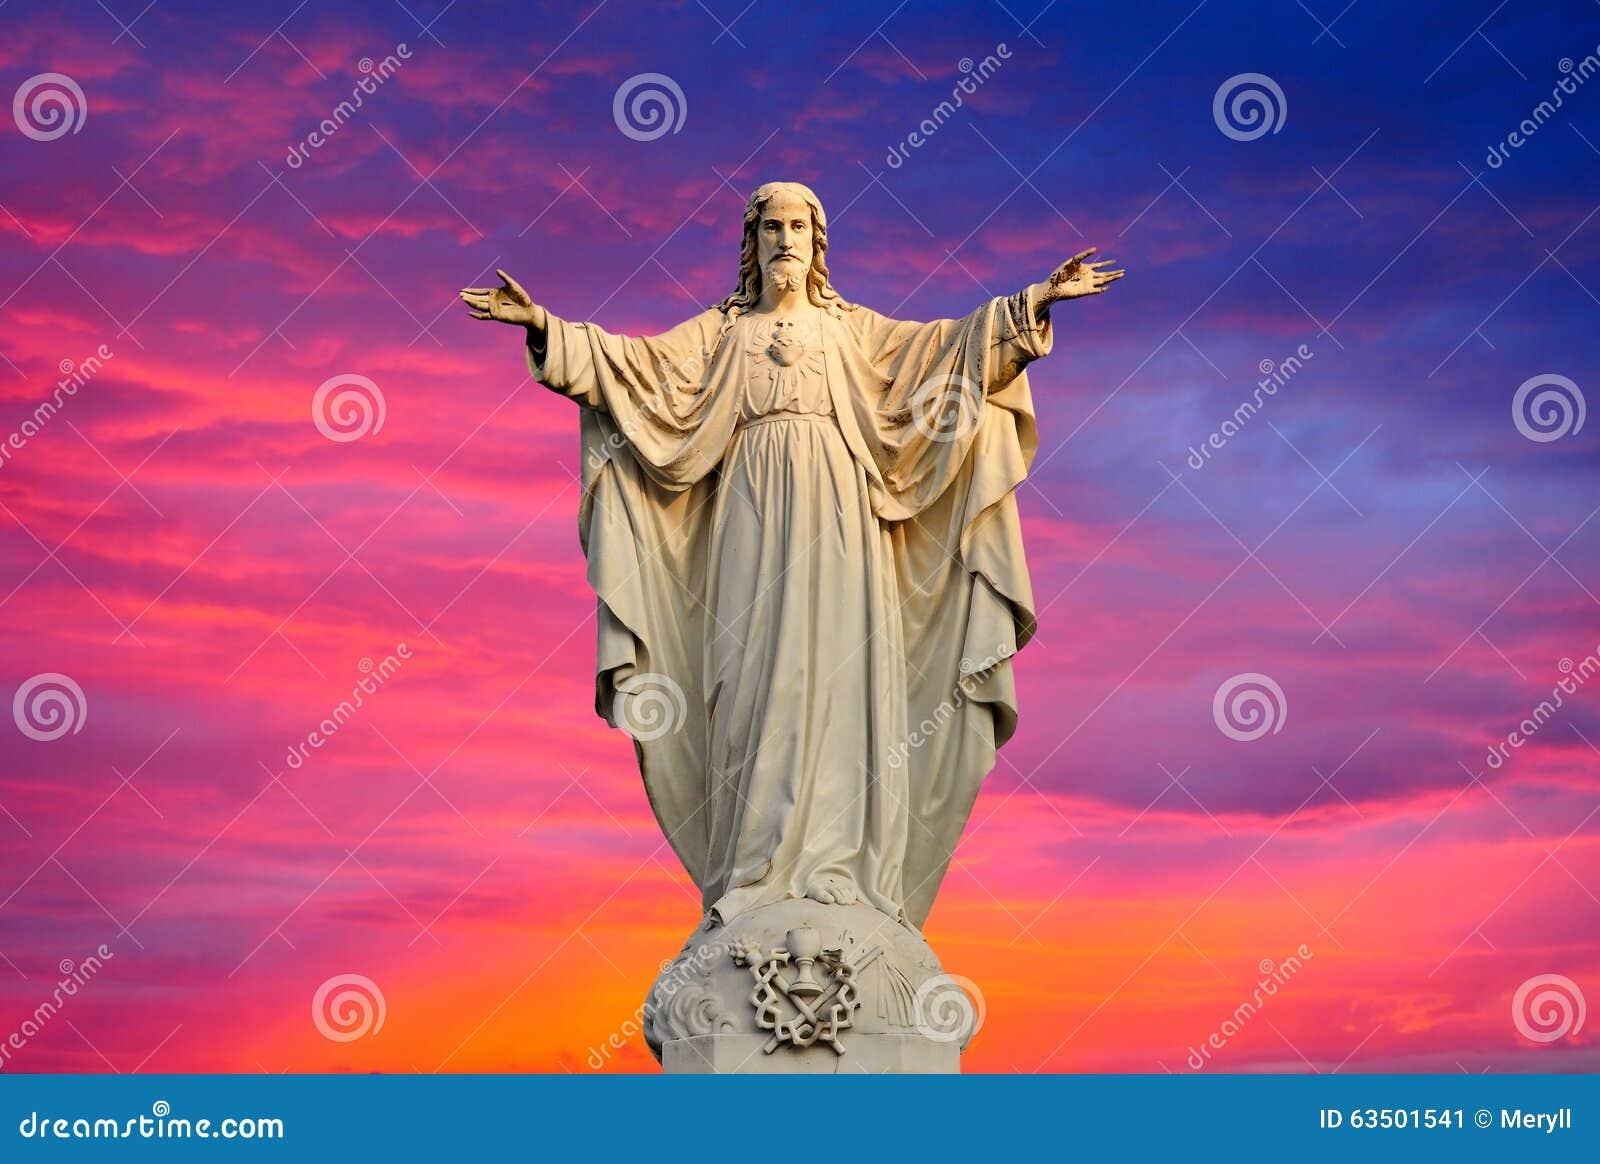 Jesus Christ stock image. Image of christ, easter, spiritual - 63501541